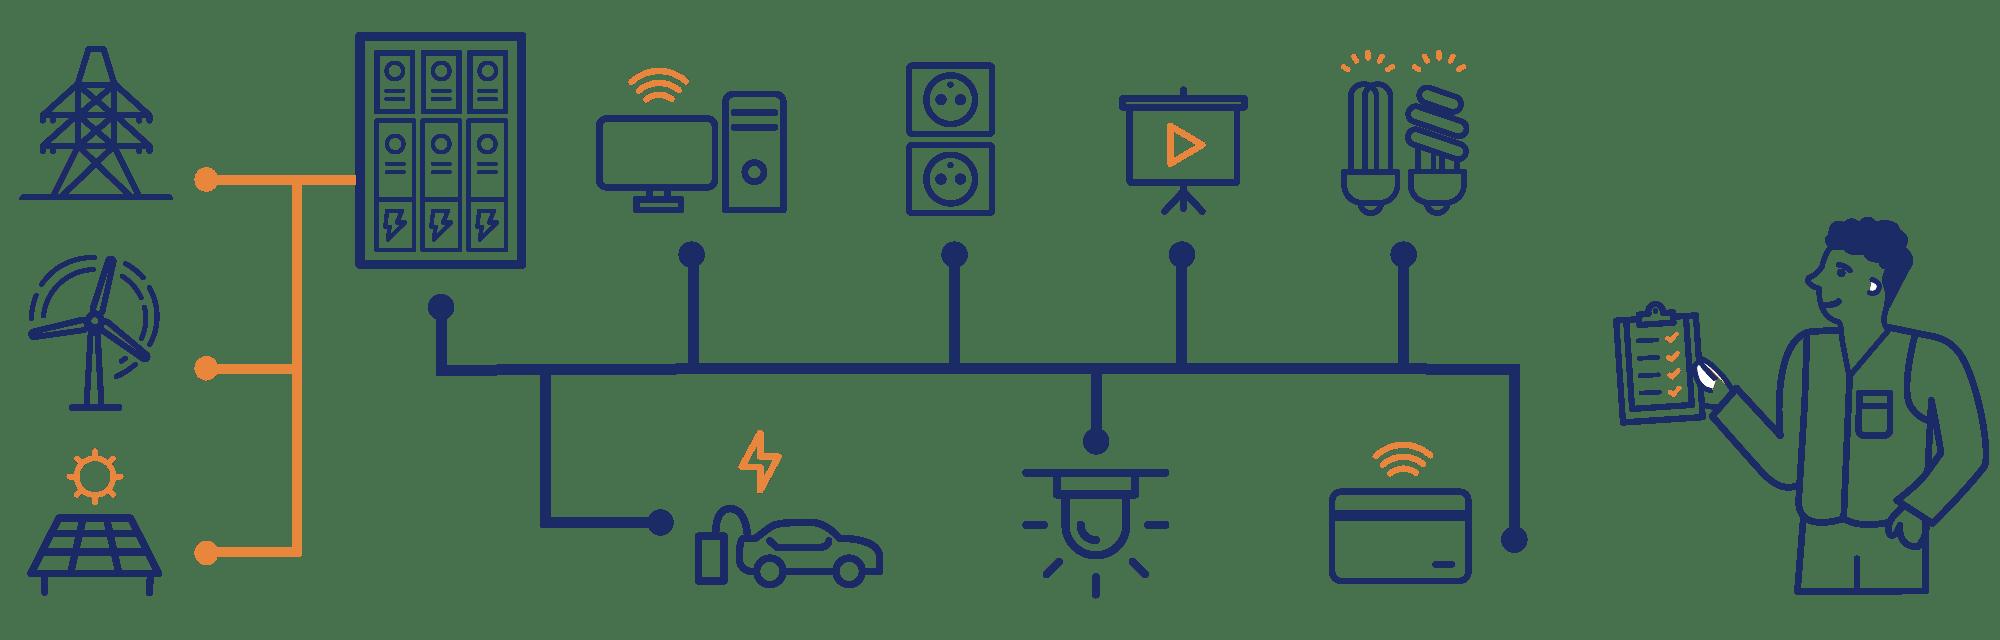 illustrations dans un style pictogrammes, dessiné par IchetKar pour l'entreprise de domotique hagenum, mettant en avant l'installation éléctrique